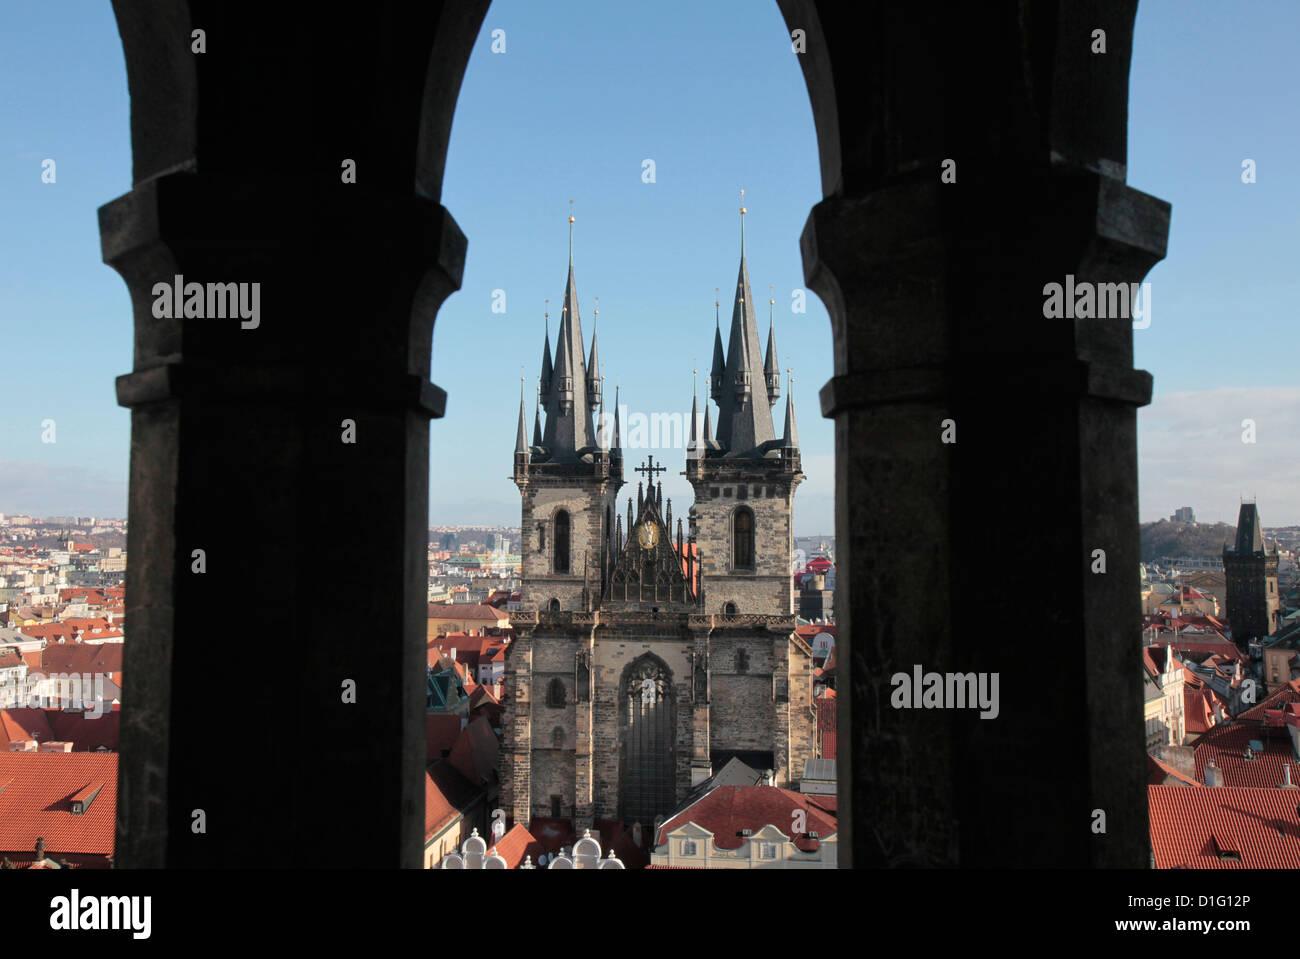 La iglesia de Tyn en la Plaza de la Ciudad Vieja de Praga, República Checa, Europa Imagen De Stock